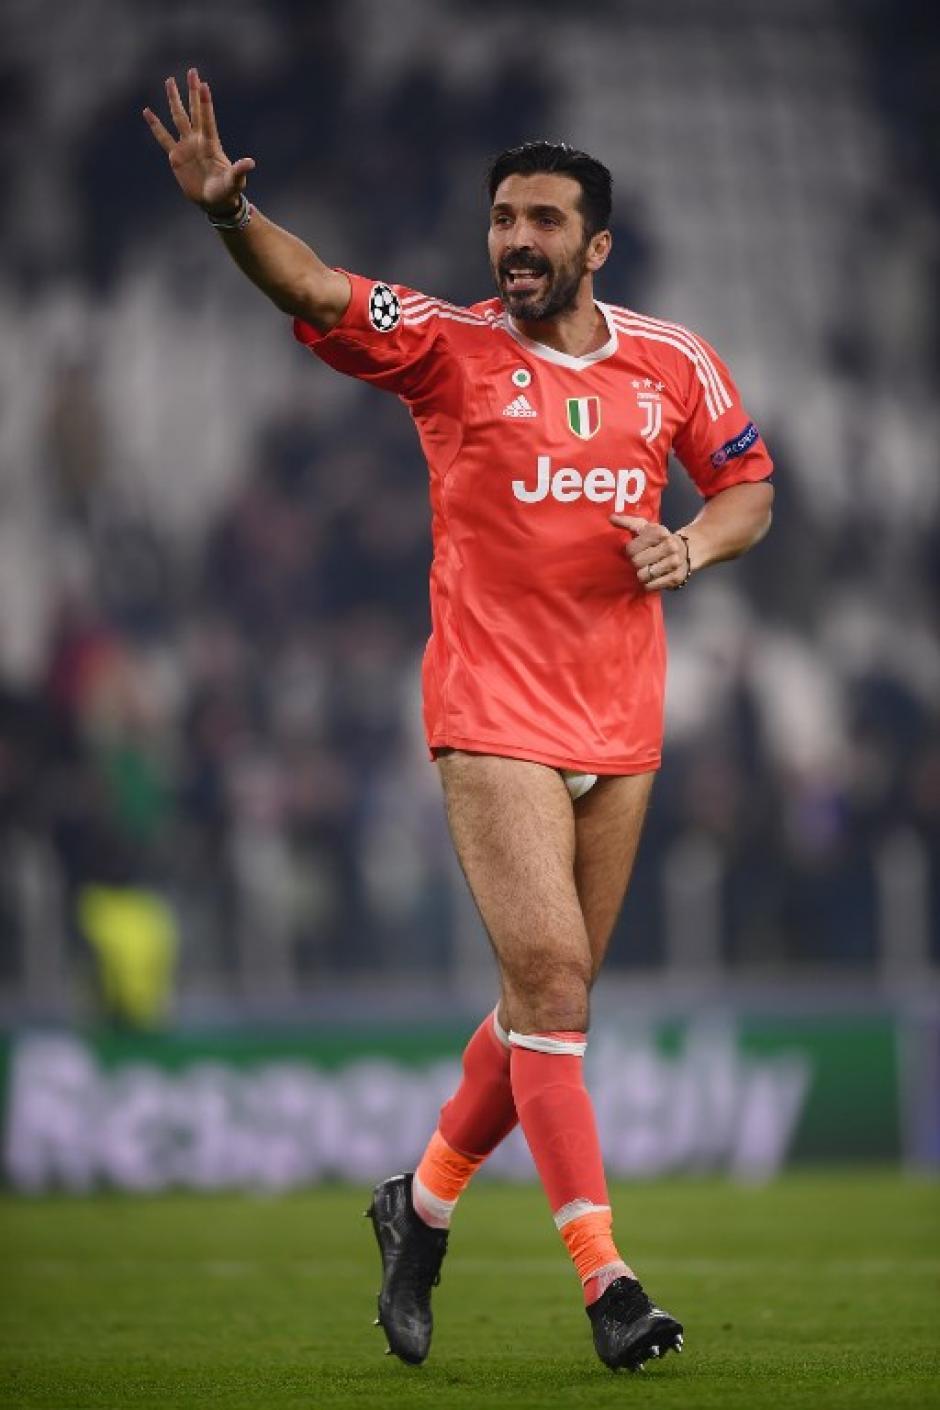 Buffon agradeció el apoyo incondicional a la afición. (Foto: AFP)